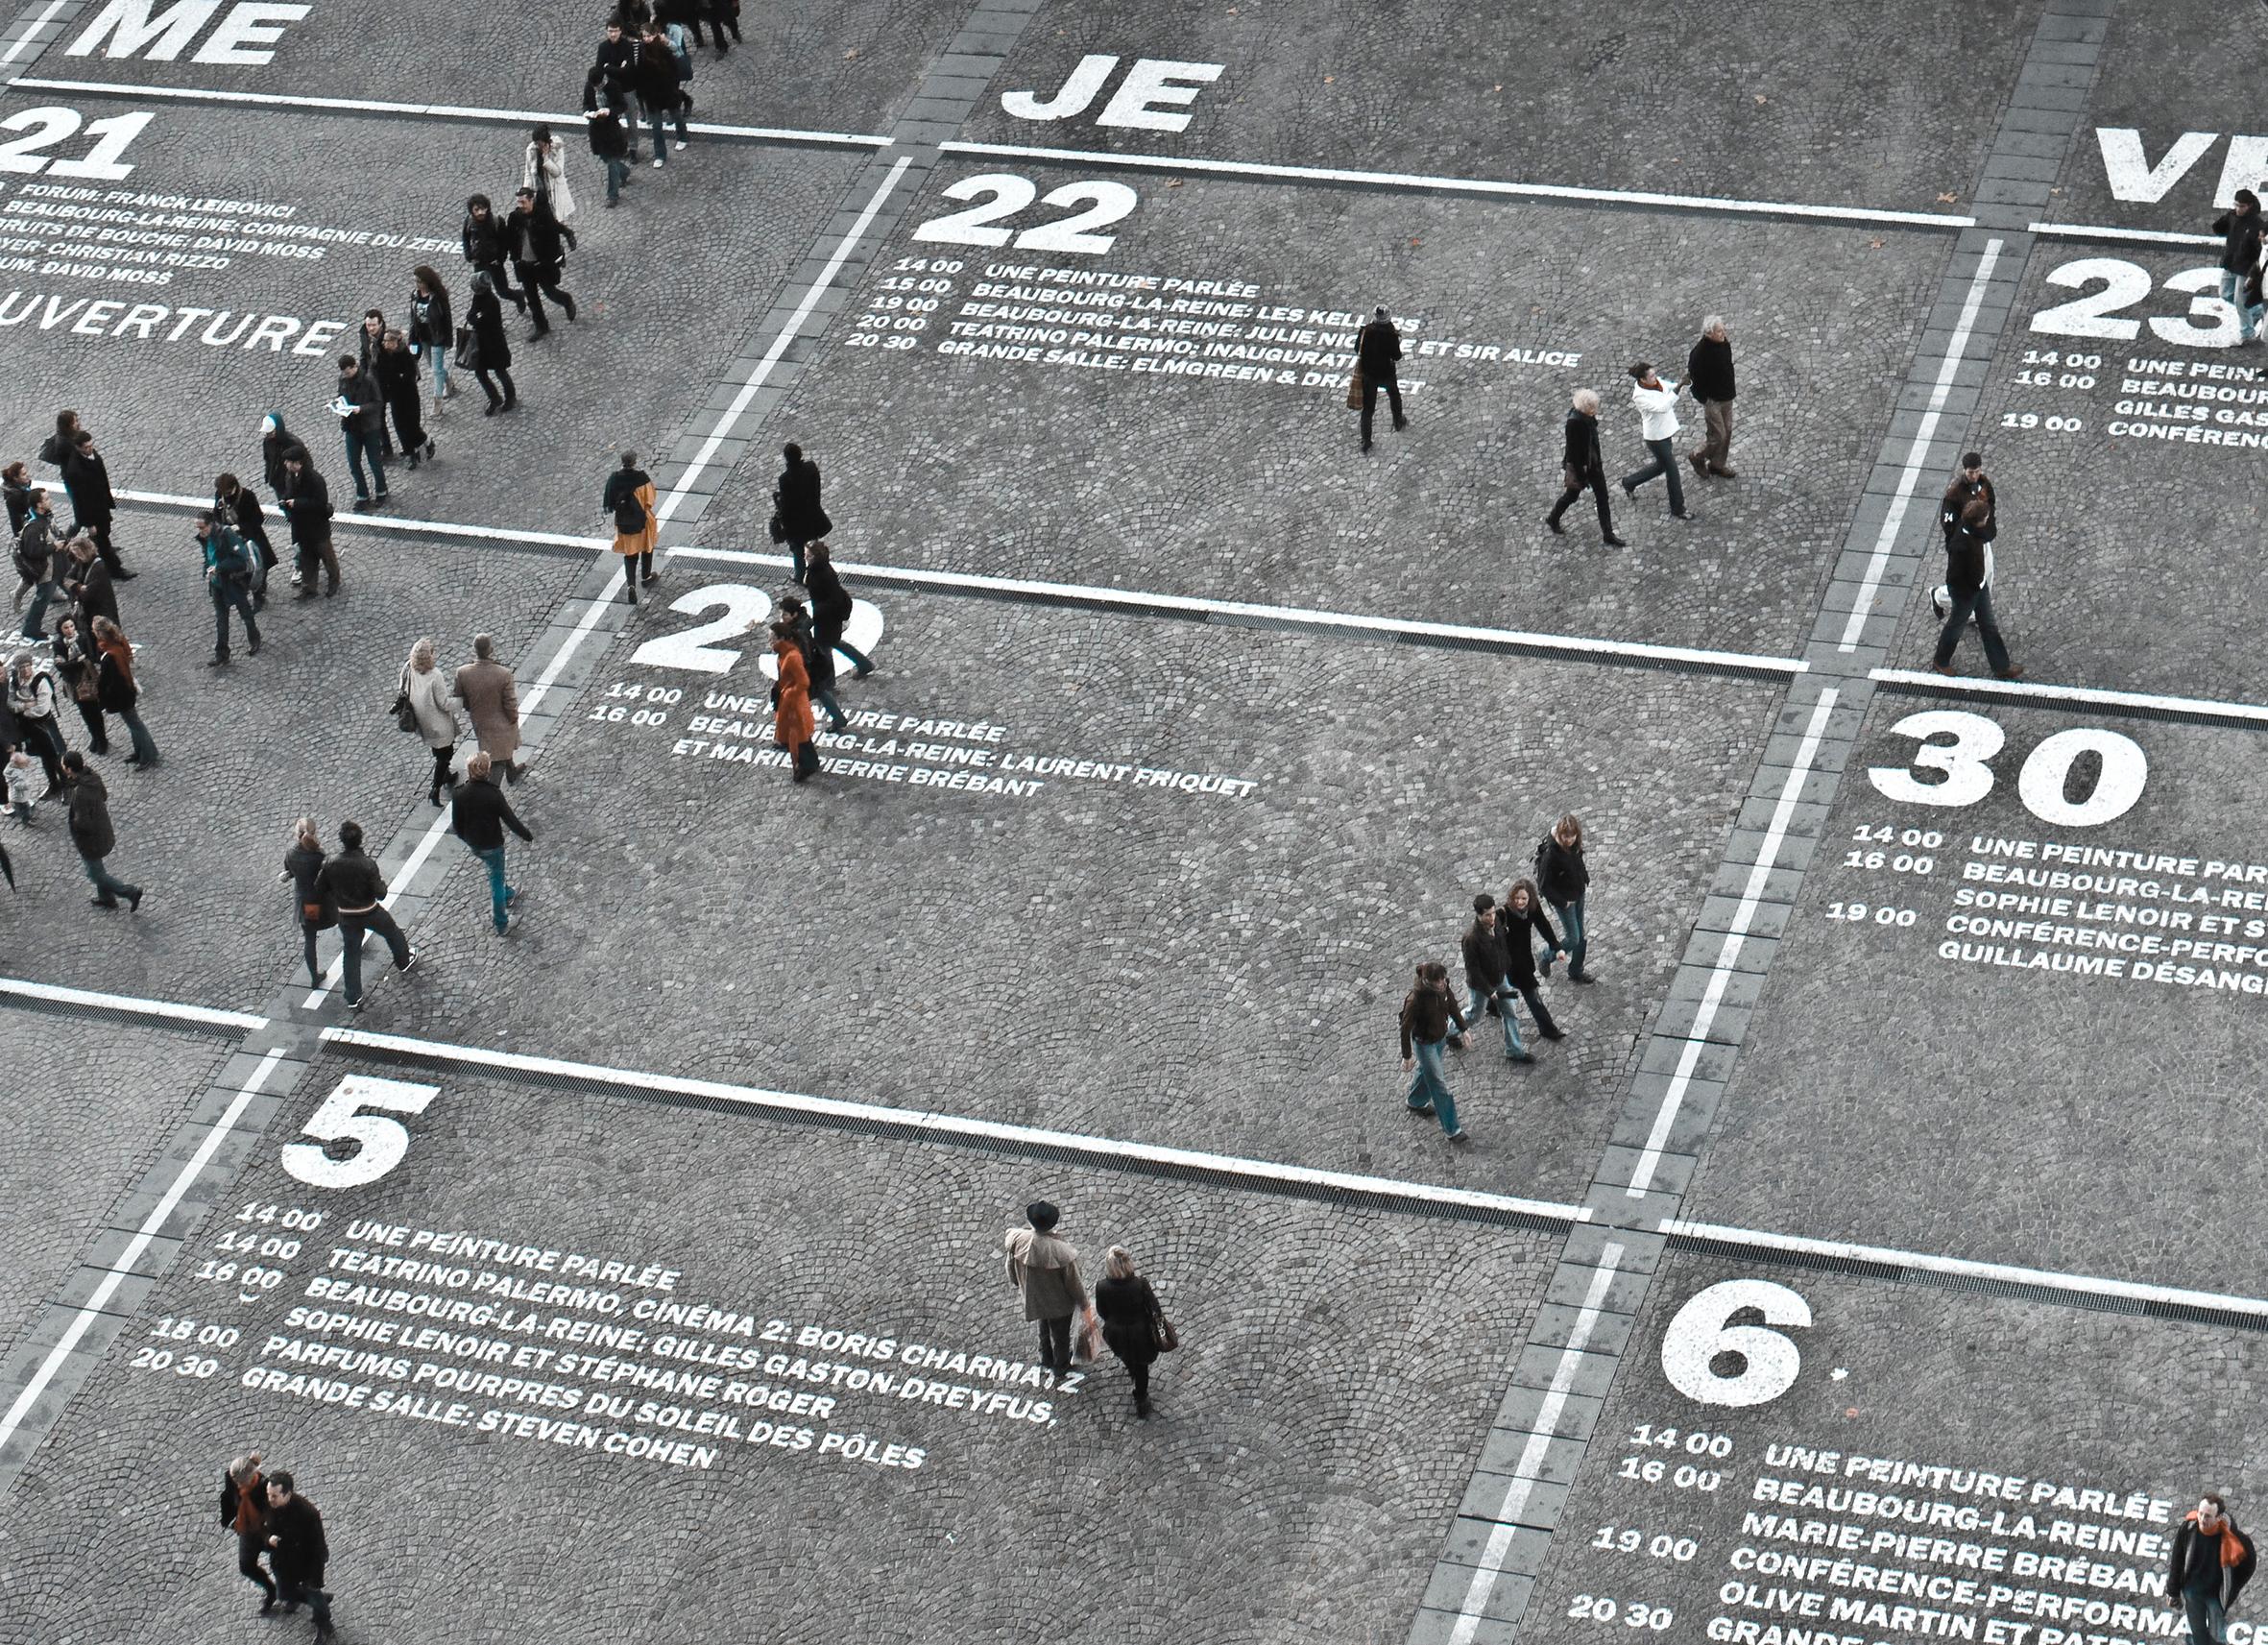 E-Learning on Good Governance